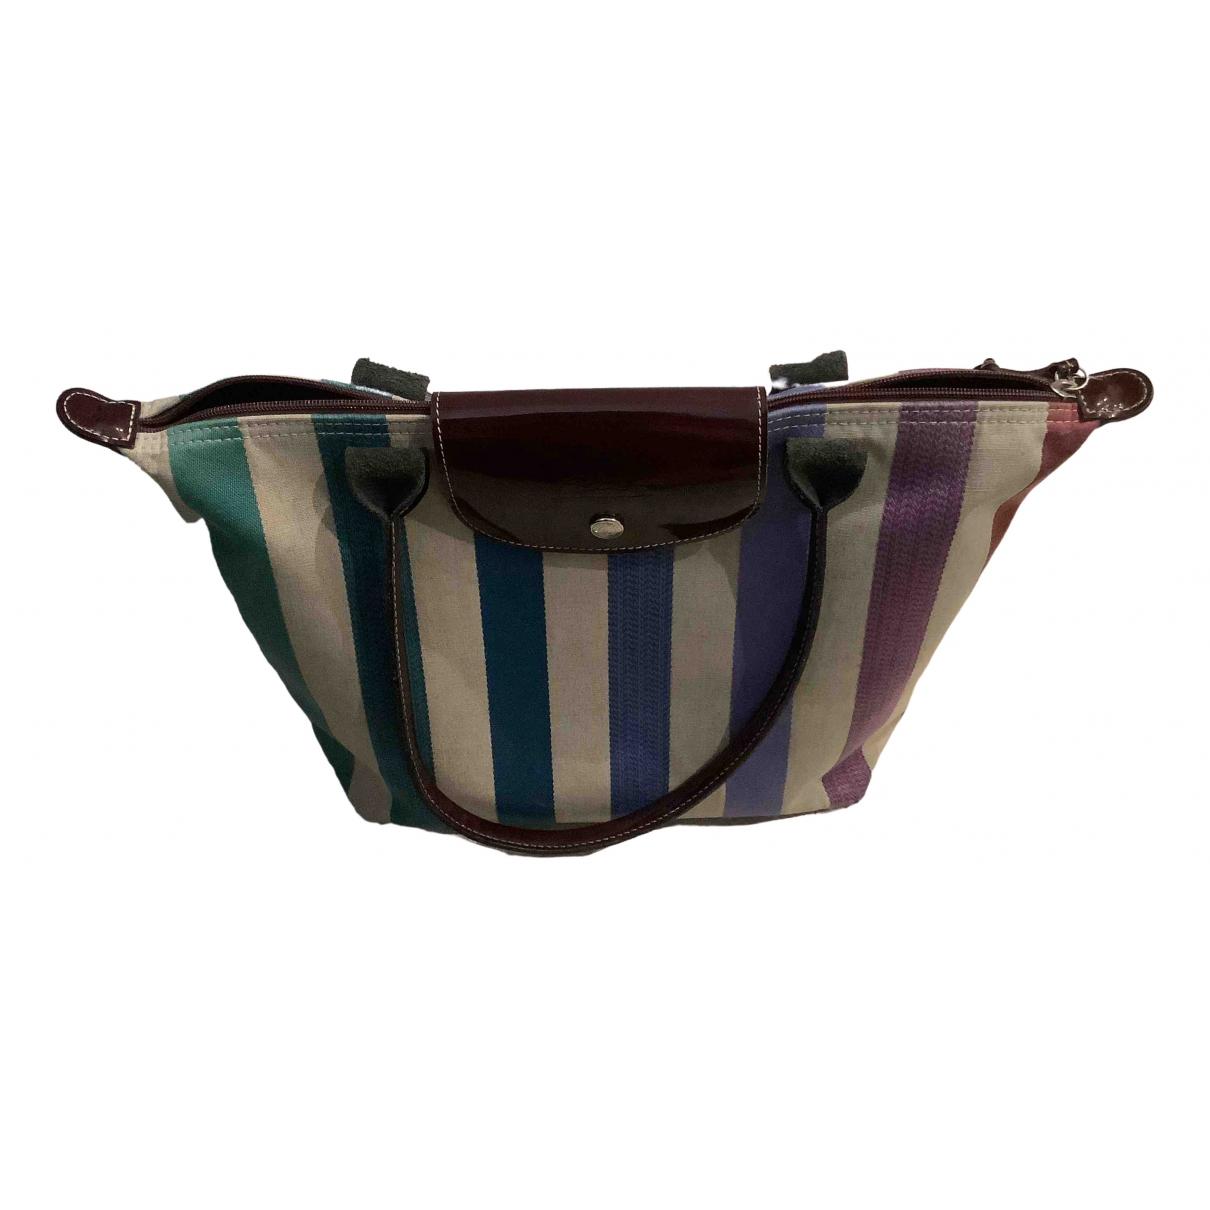 Longchamp - Sac a main Legende pour femme en coton - multicolore